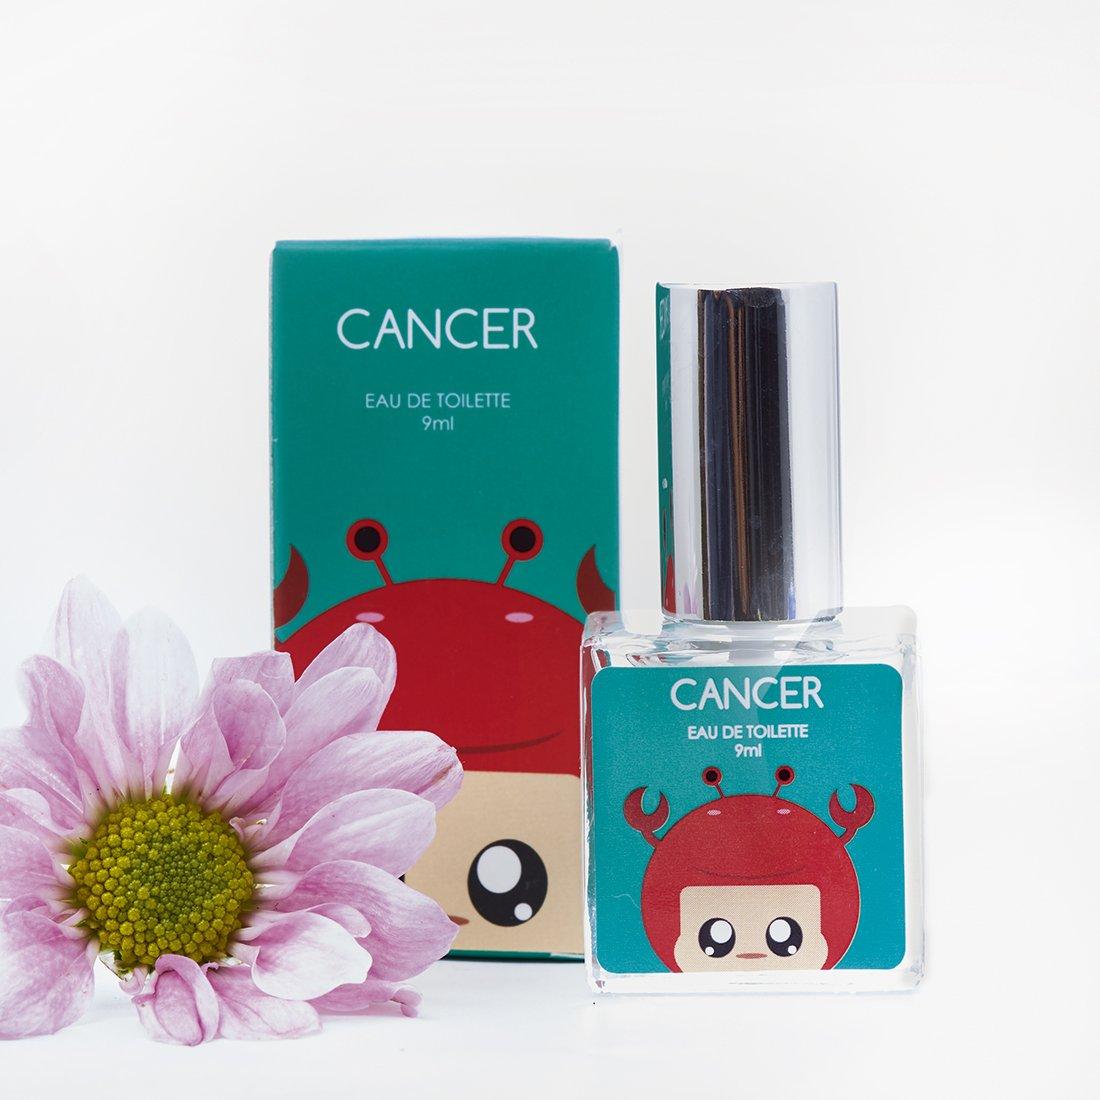 Ini-Dia-Rekomendasi-Parfum-Sesuai-Zodiak-Dari-Brunbrun-cancer